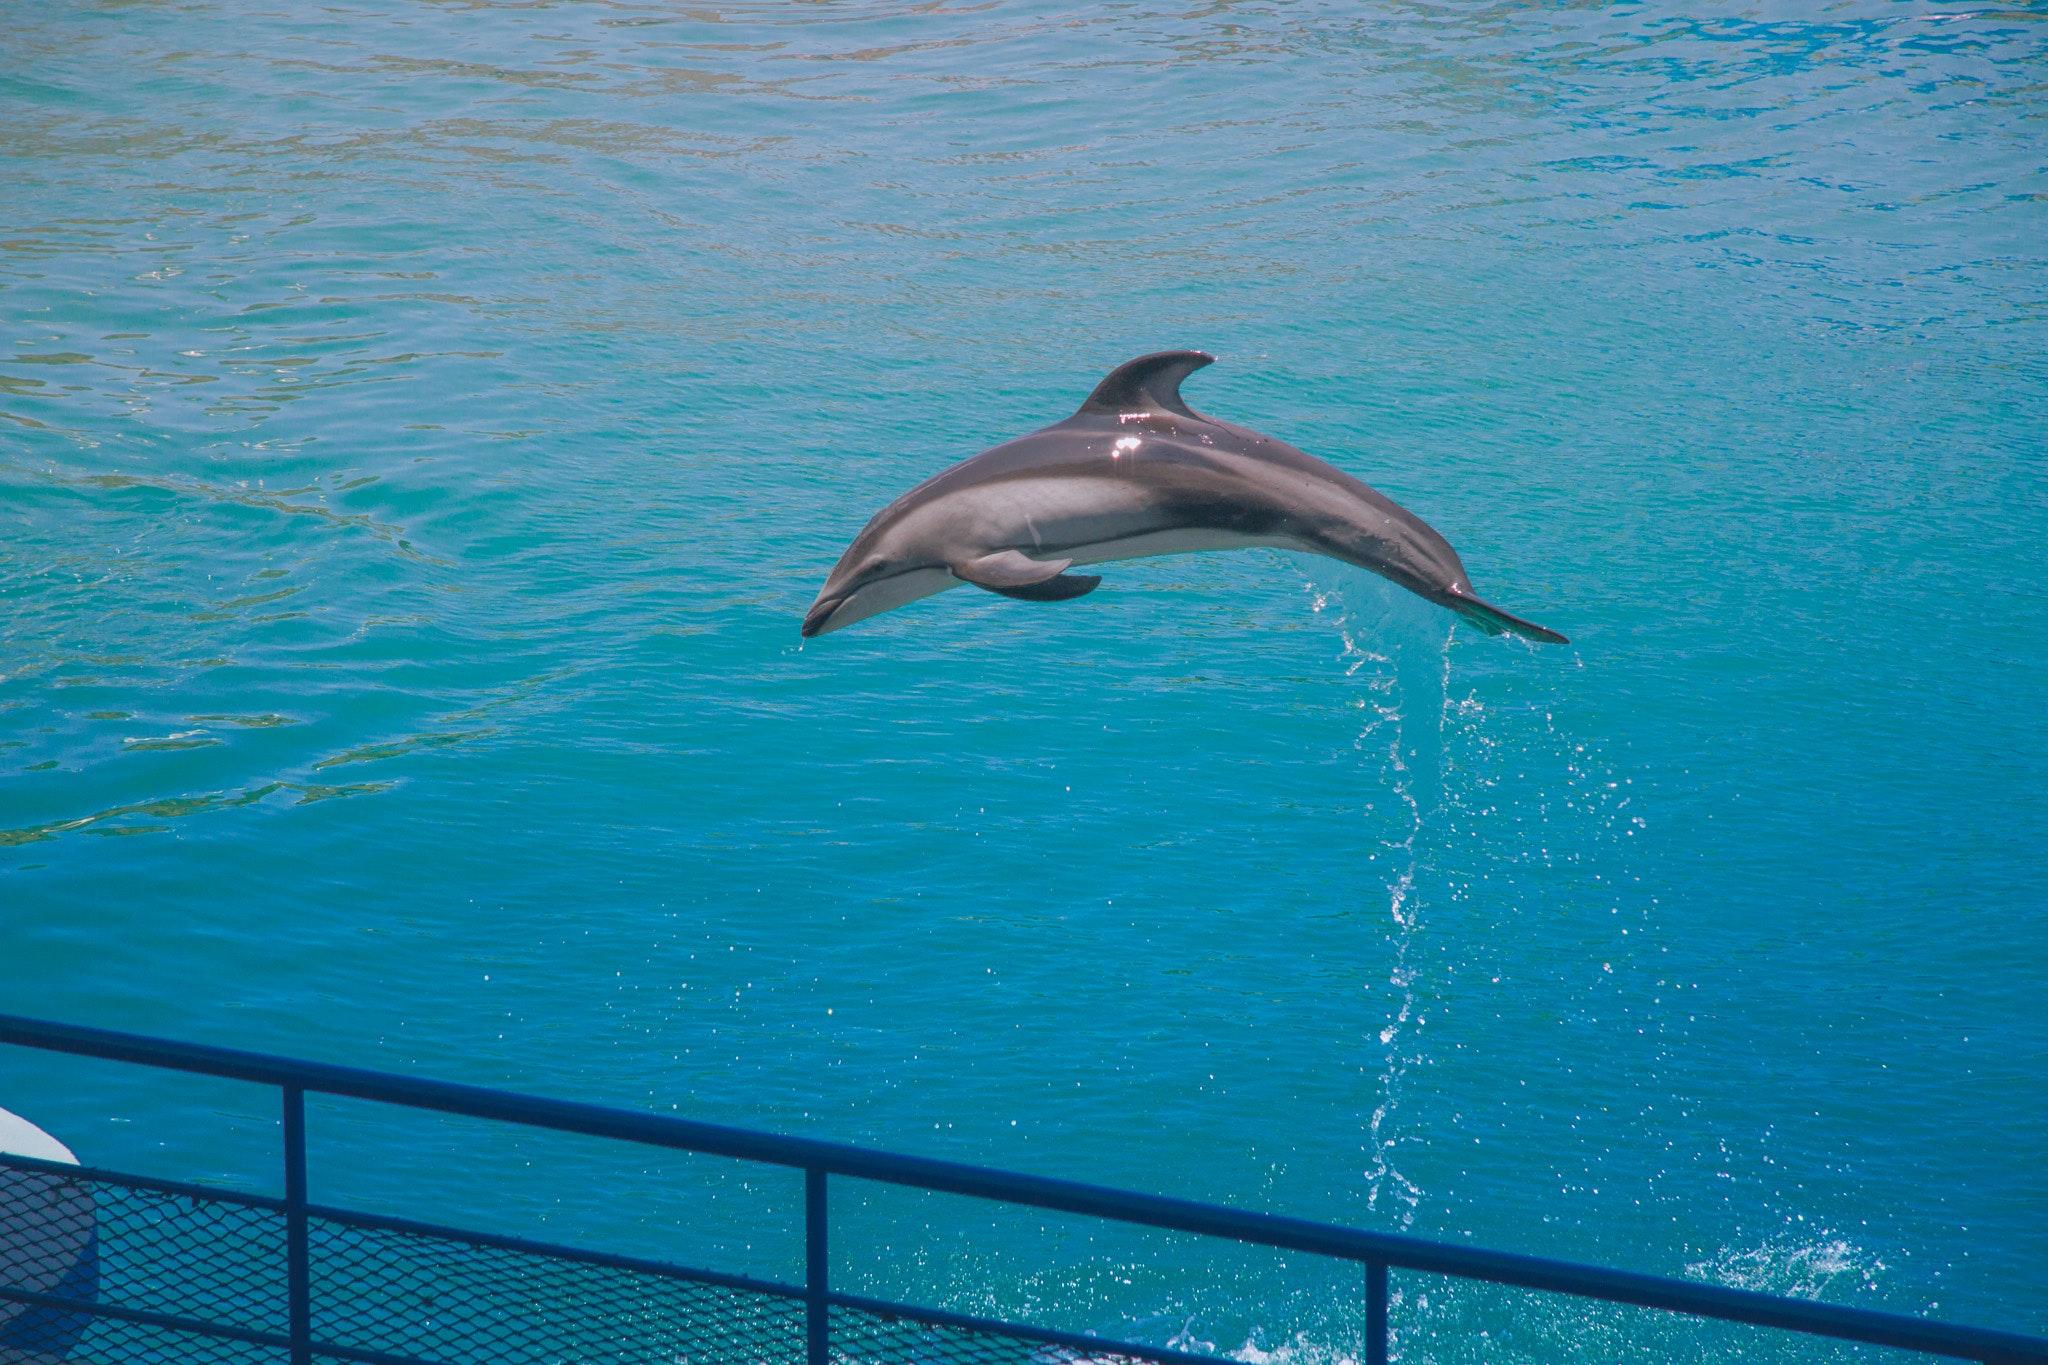 91 Koleksi Gambar Ikan Lumba Lumba Lucu HD